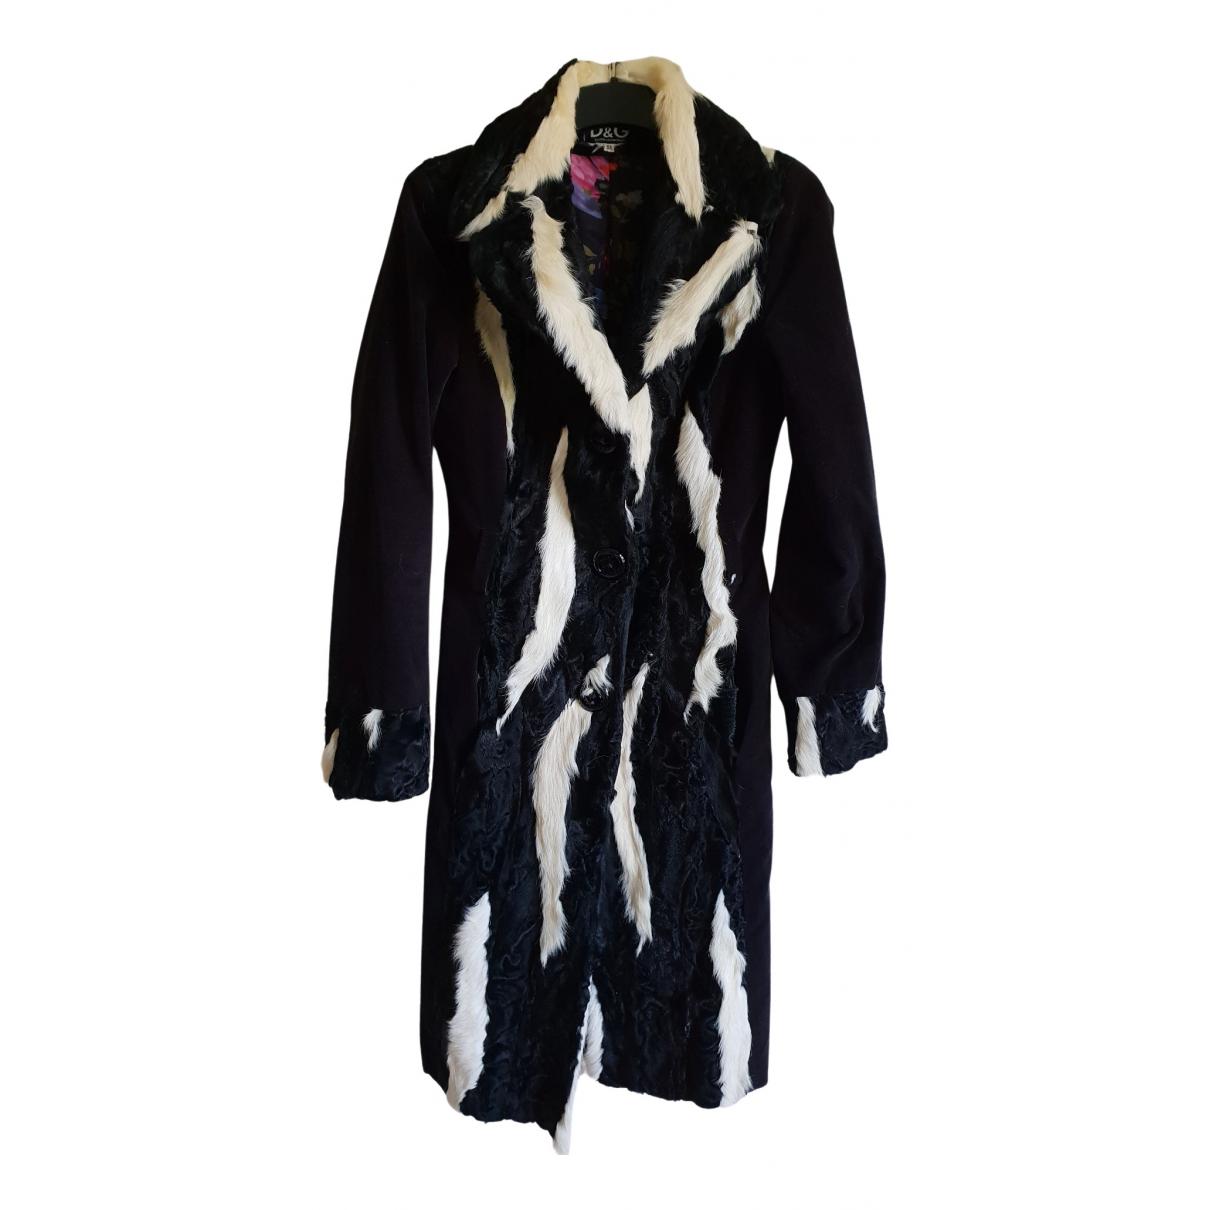 D&g - Manteau   pour femme en fourrure - noir